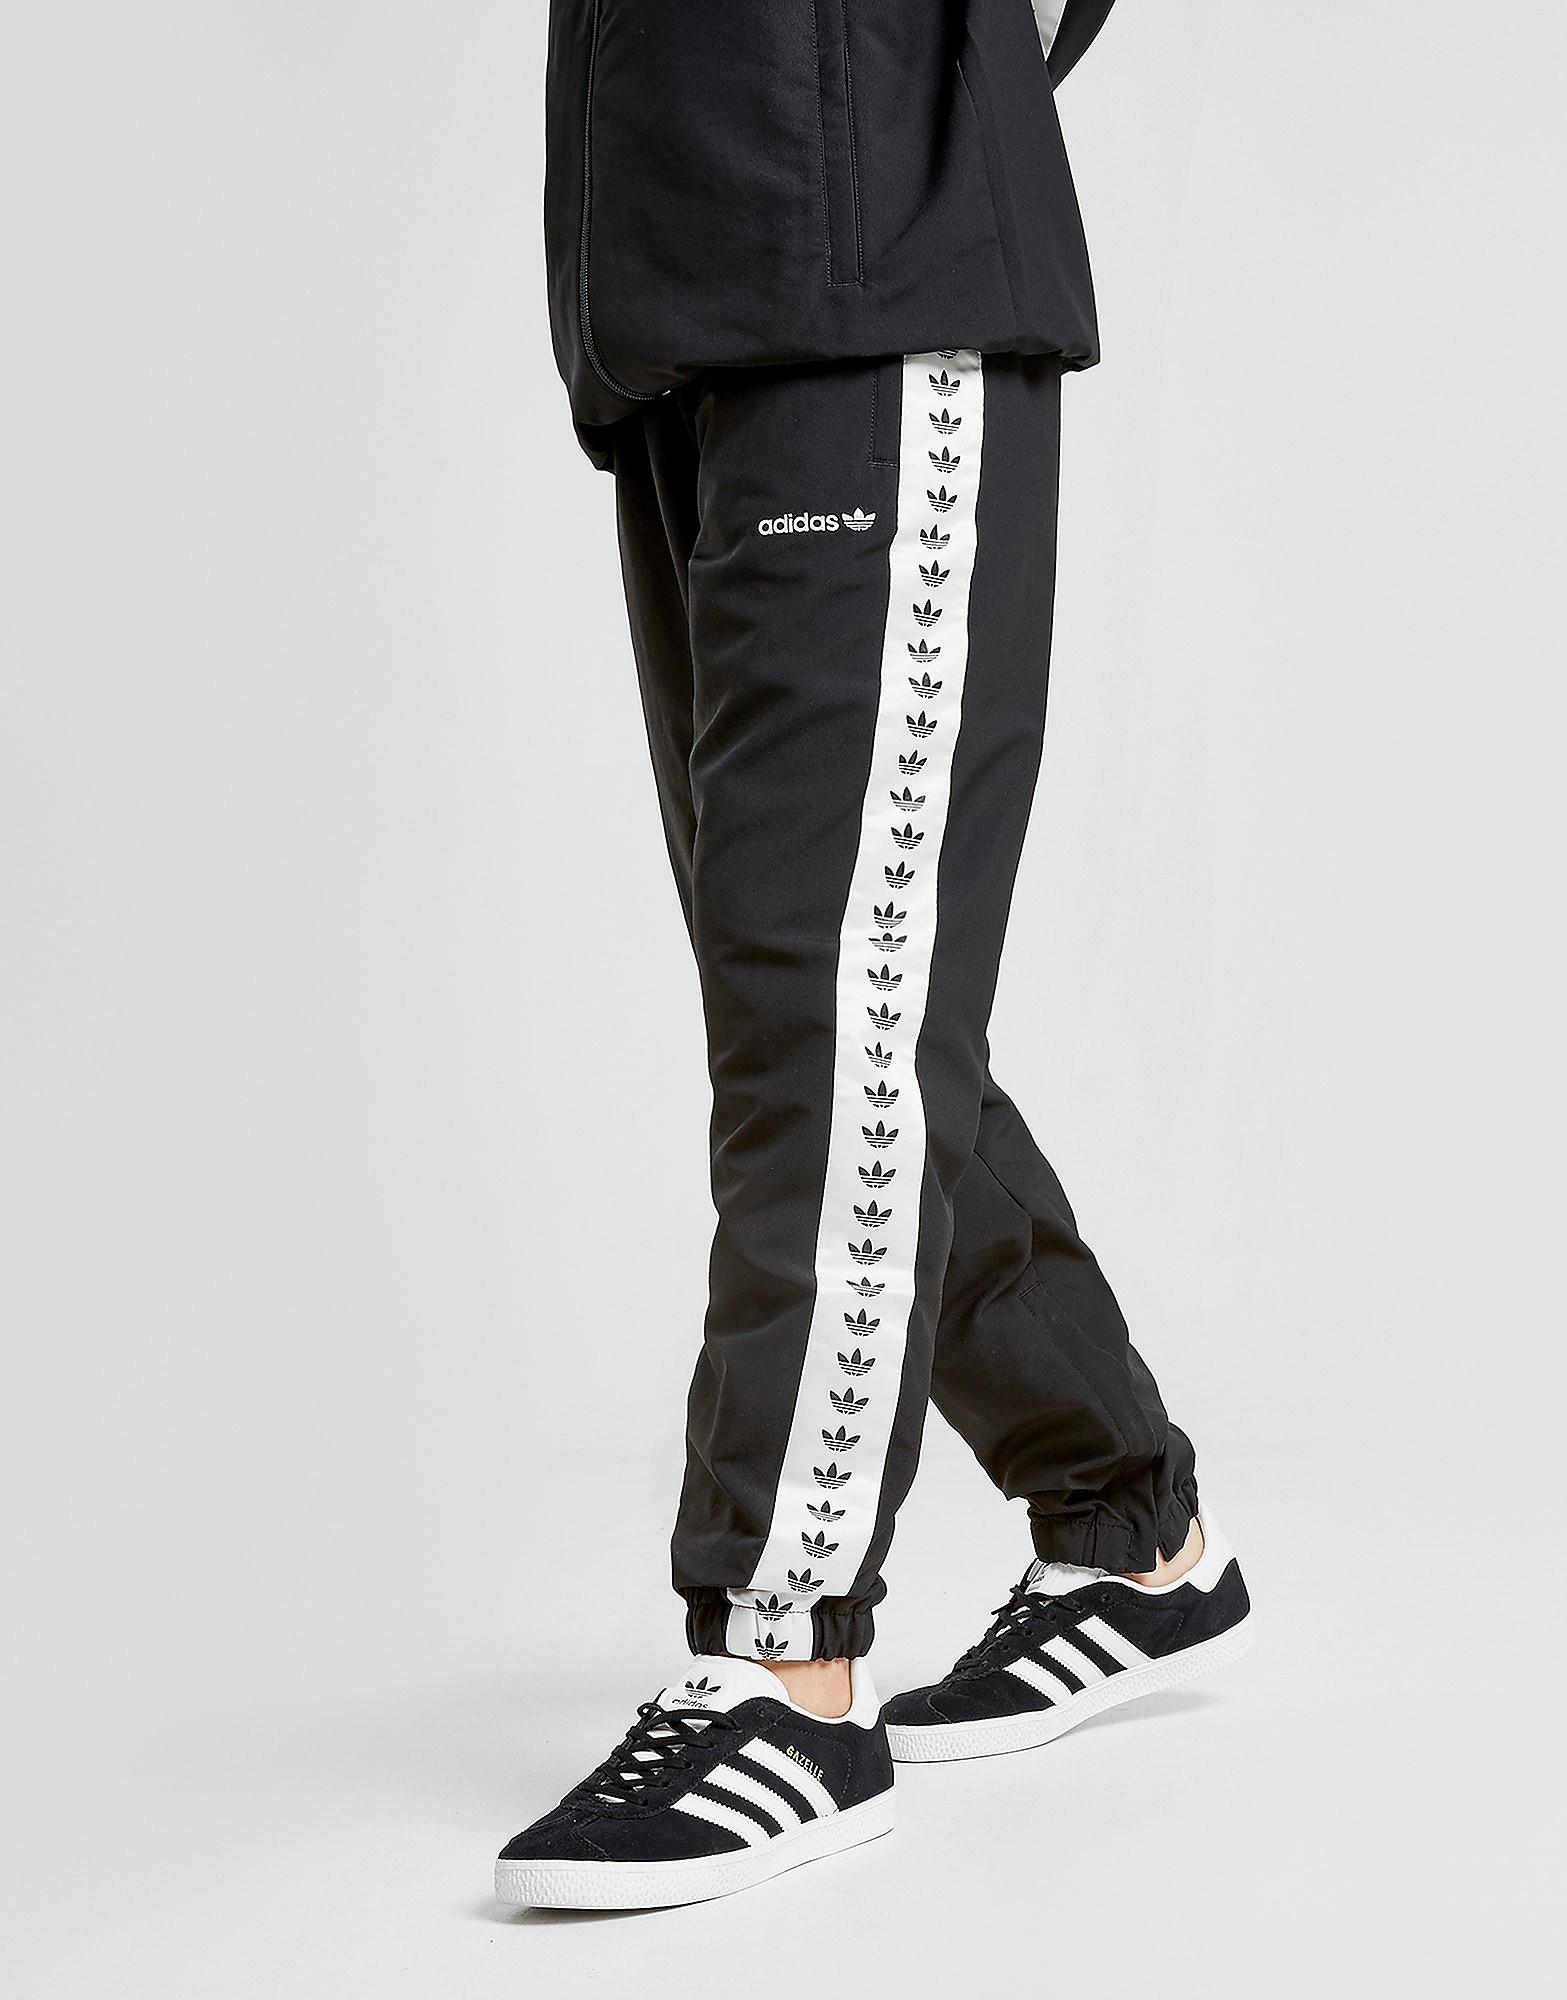 adidas Originals Pantalon de survêtement Tissé Tape Junior - Only at JD - Noir, Noir